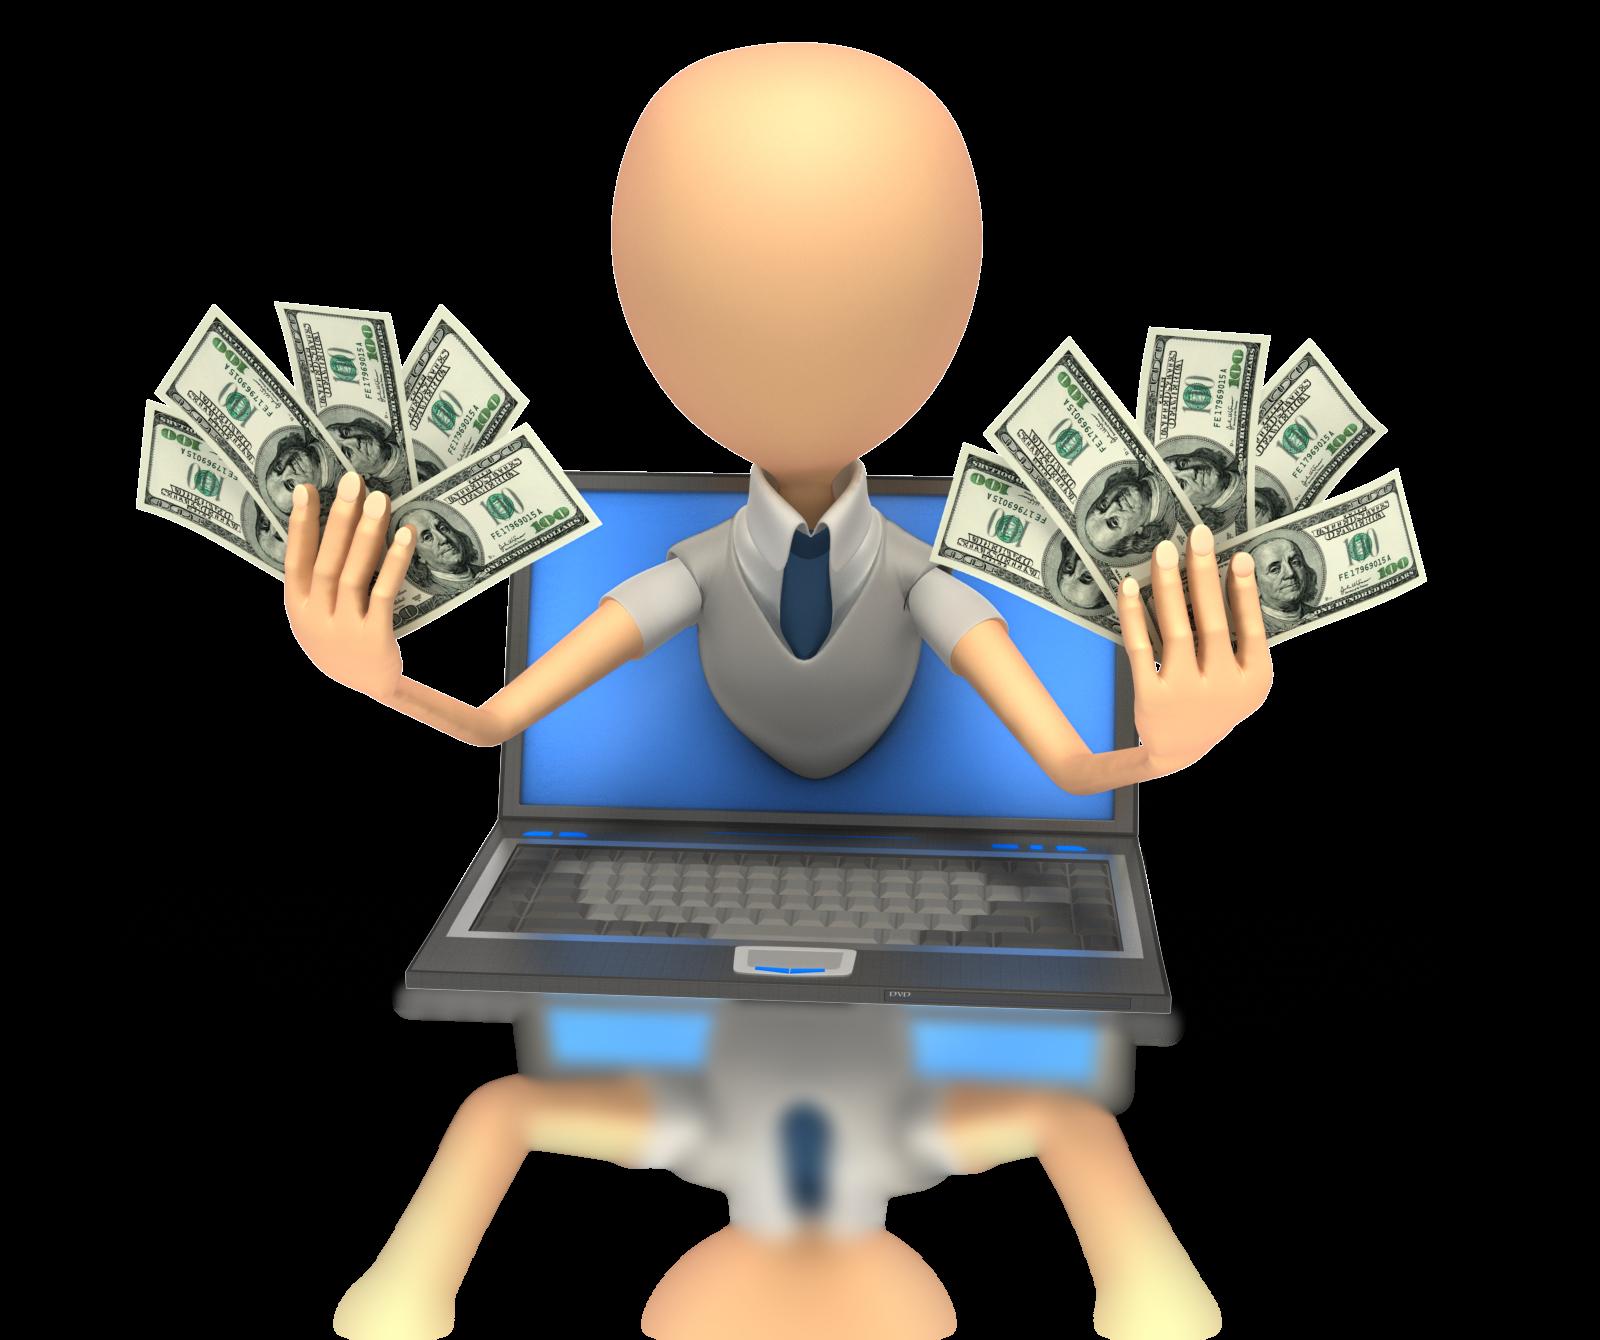 Хобби и заработок в интернет   Бизнес реально и виртуально 65d82bdc345